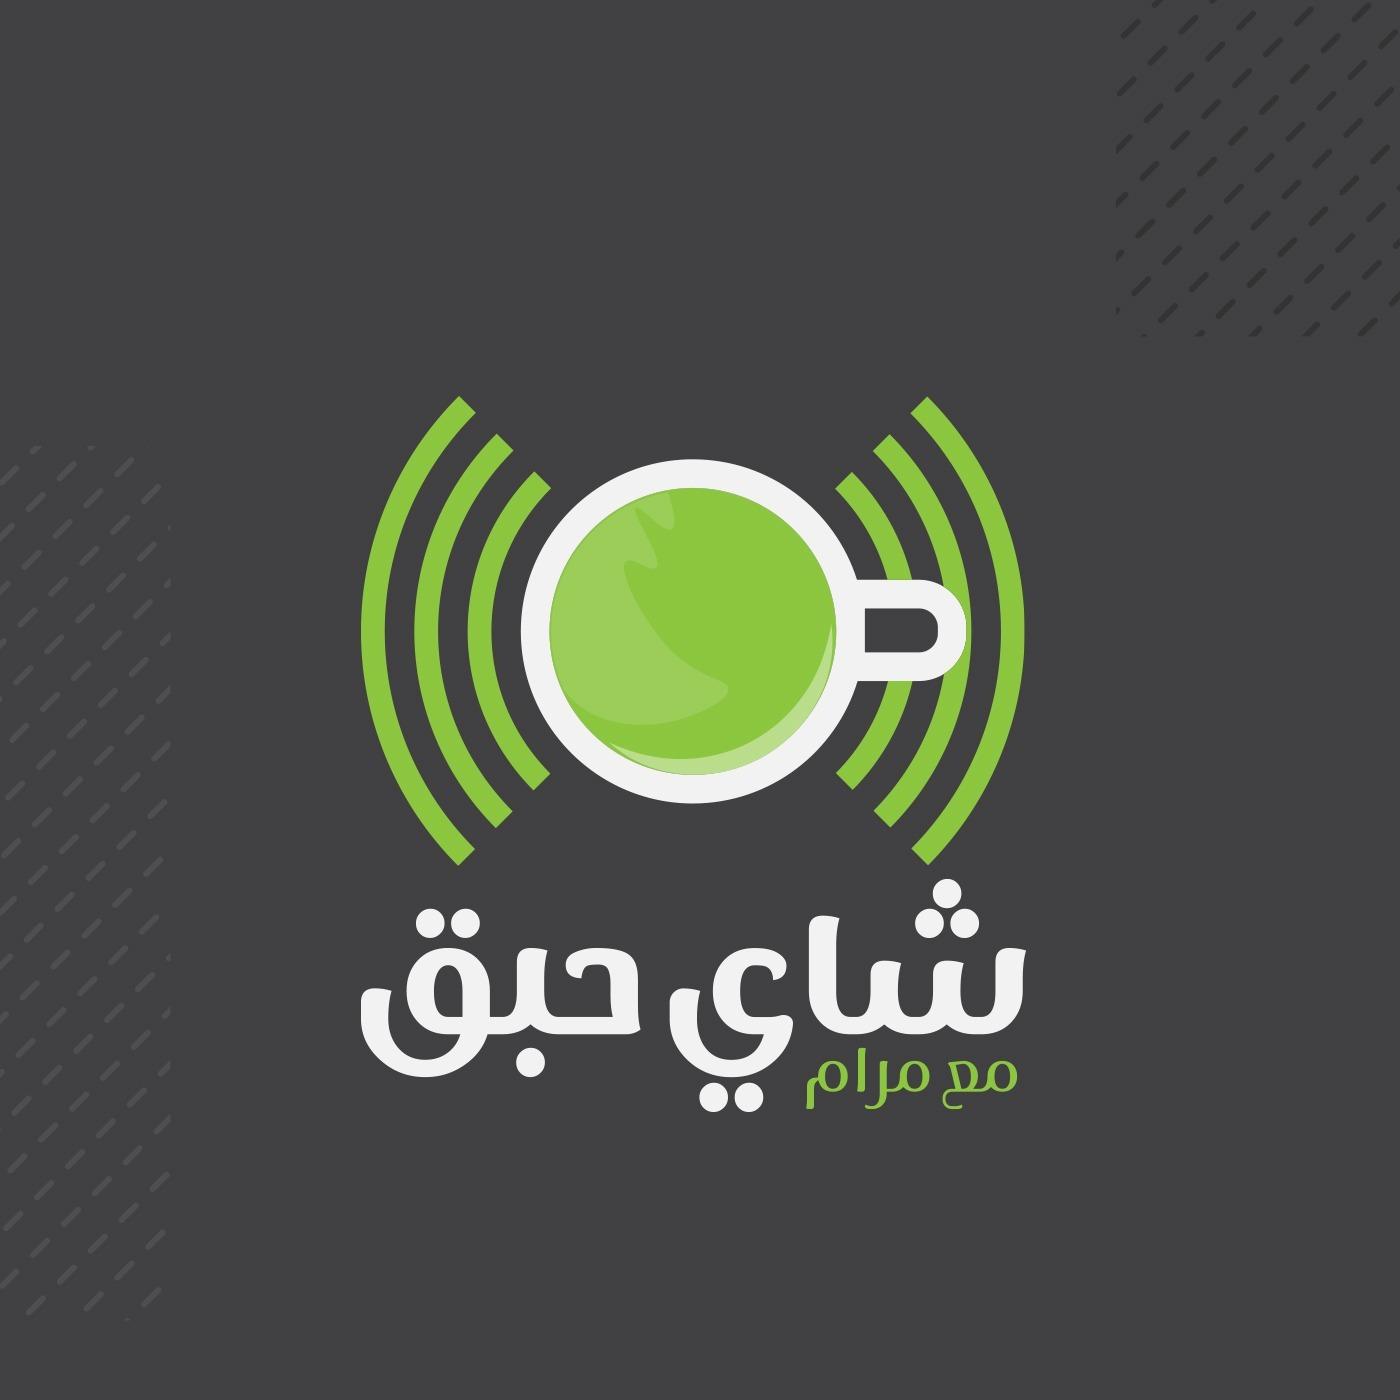 شاي حبق مع مرام:وقفات مع الذات